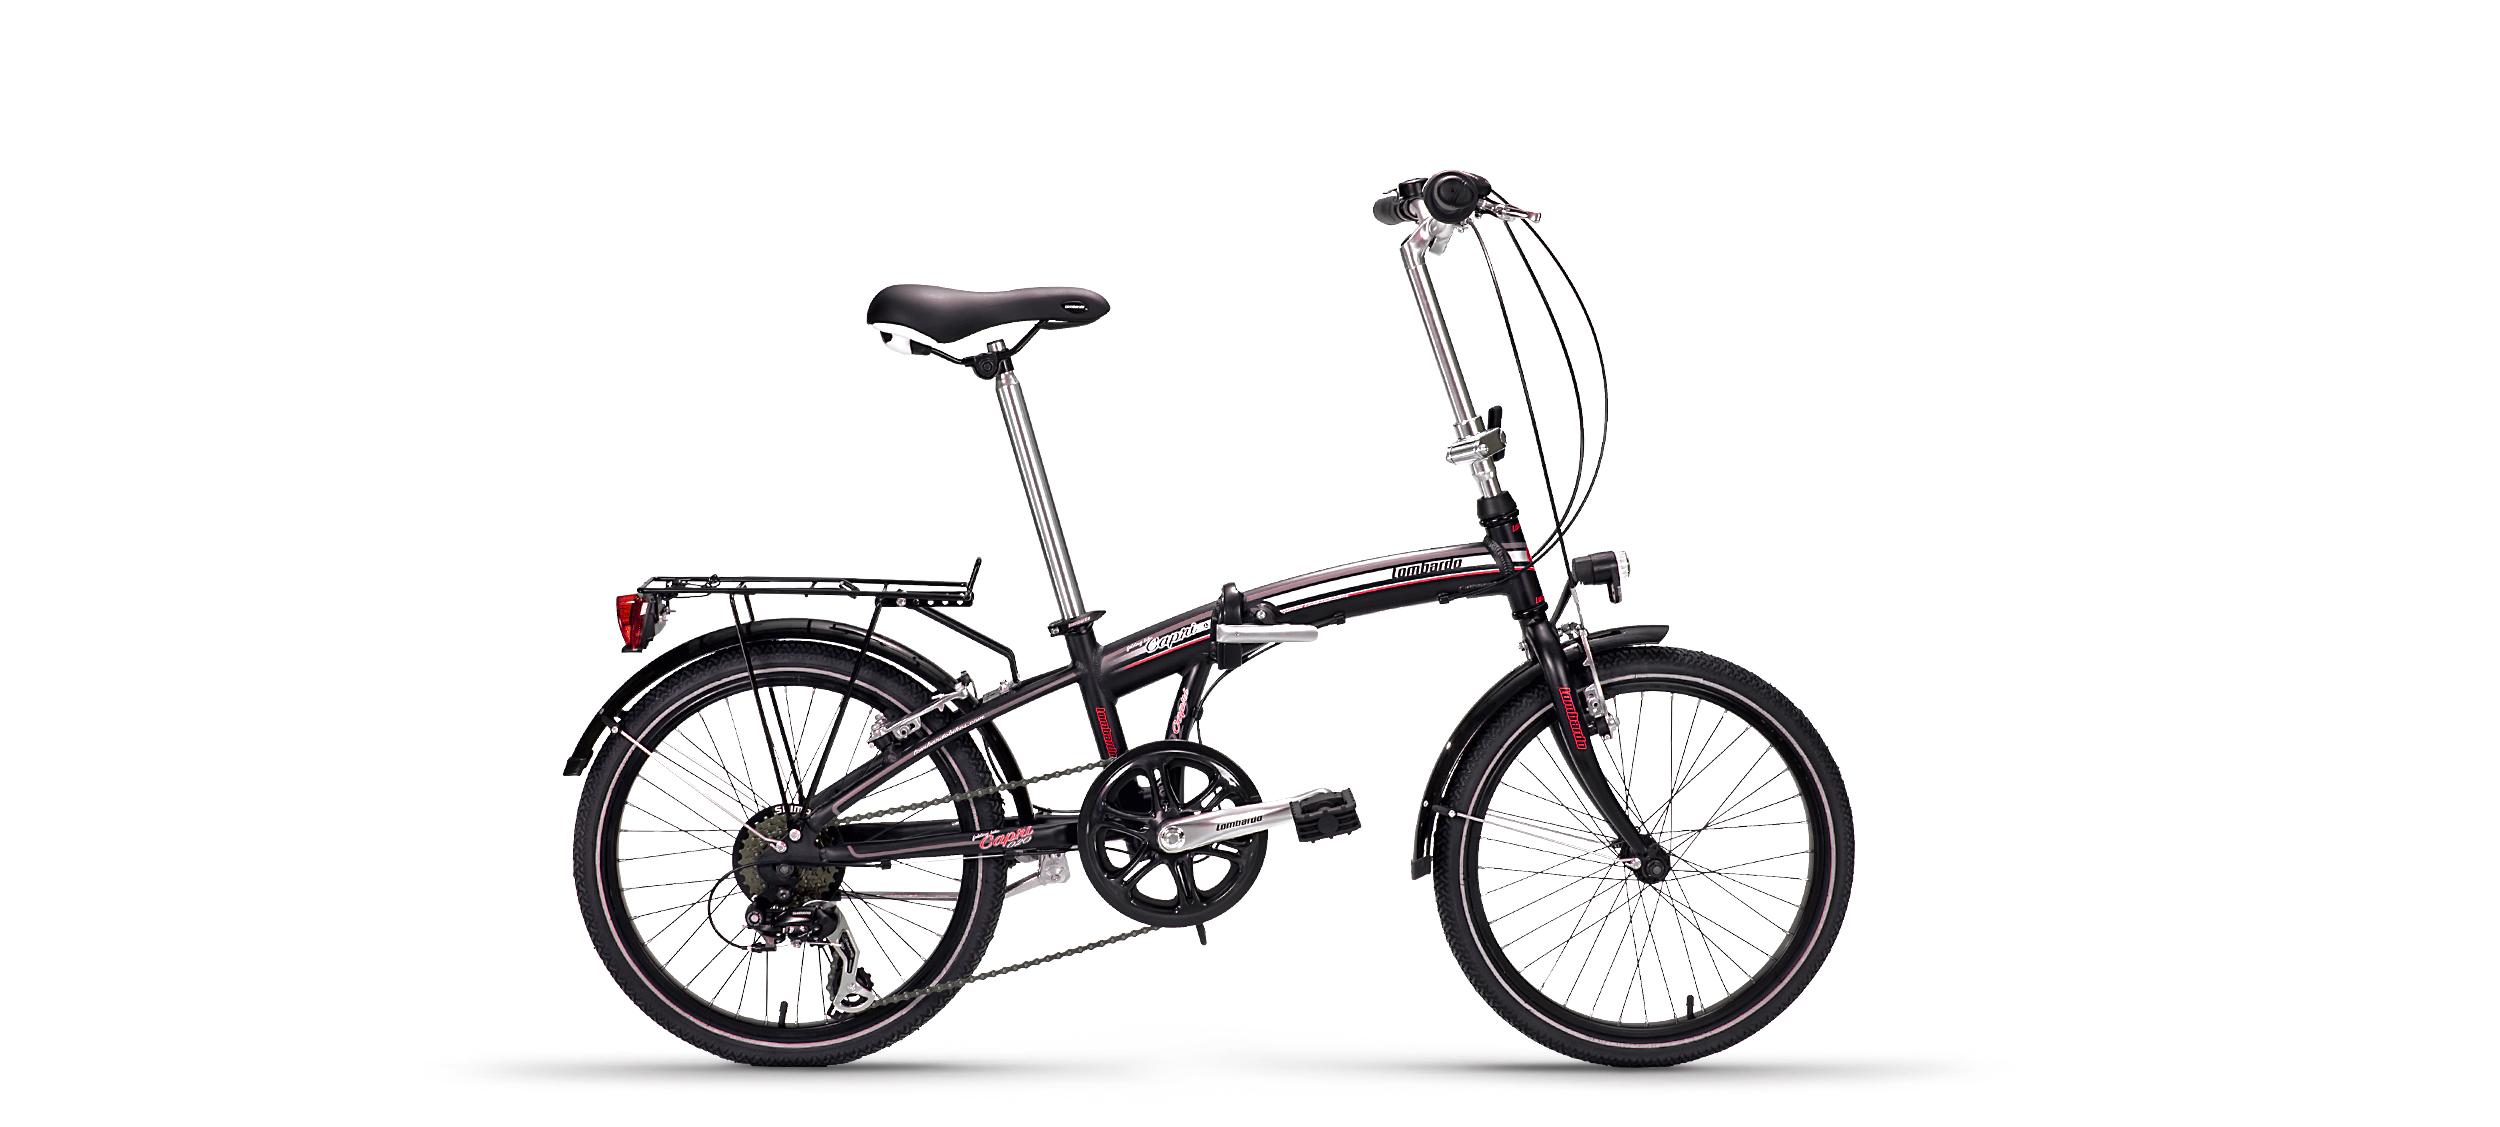 Lombardo Capri 020 Obiso Biciclette